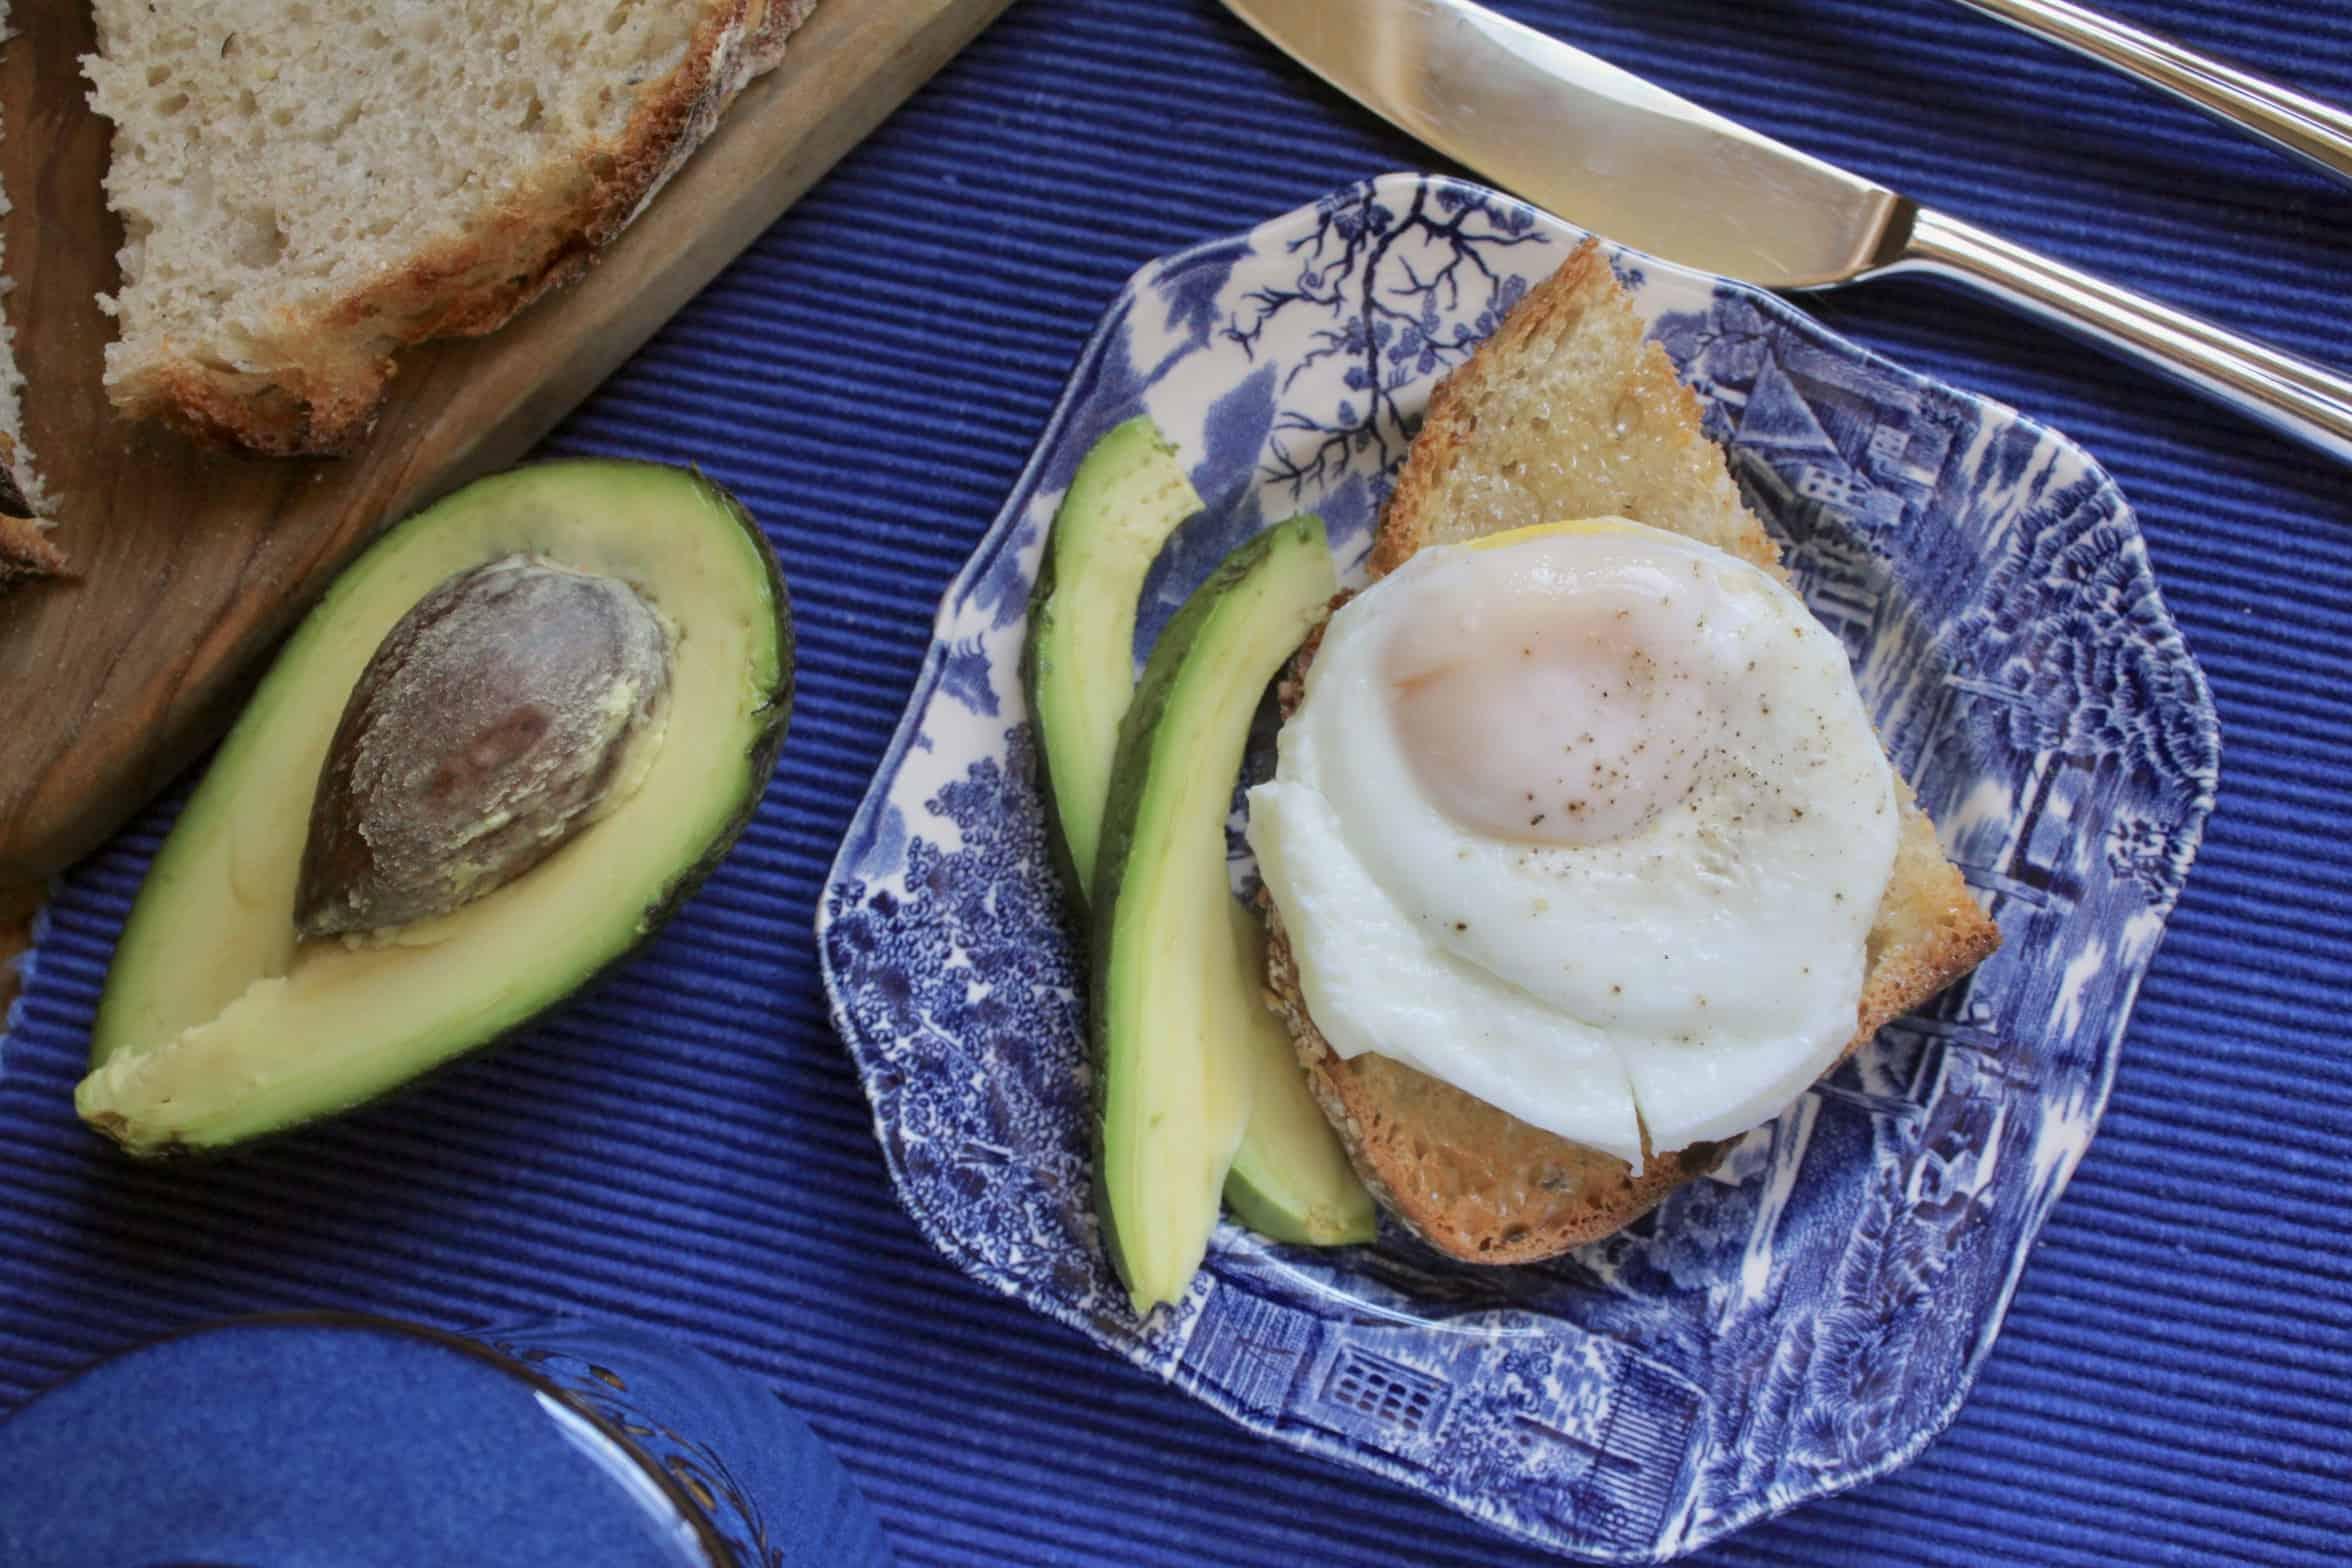 coddled egg on toast with avocado